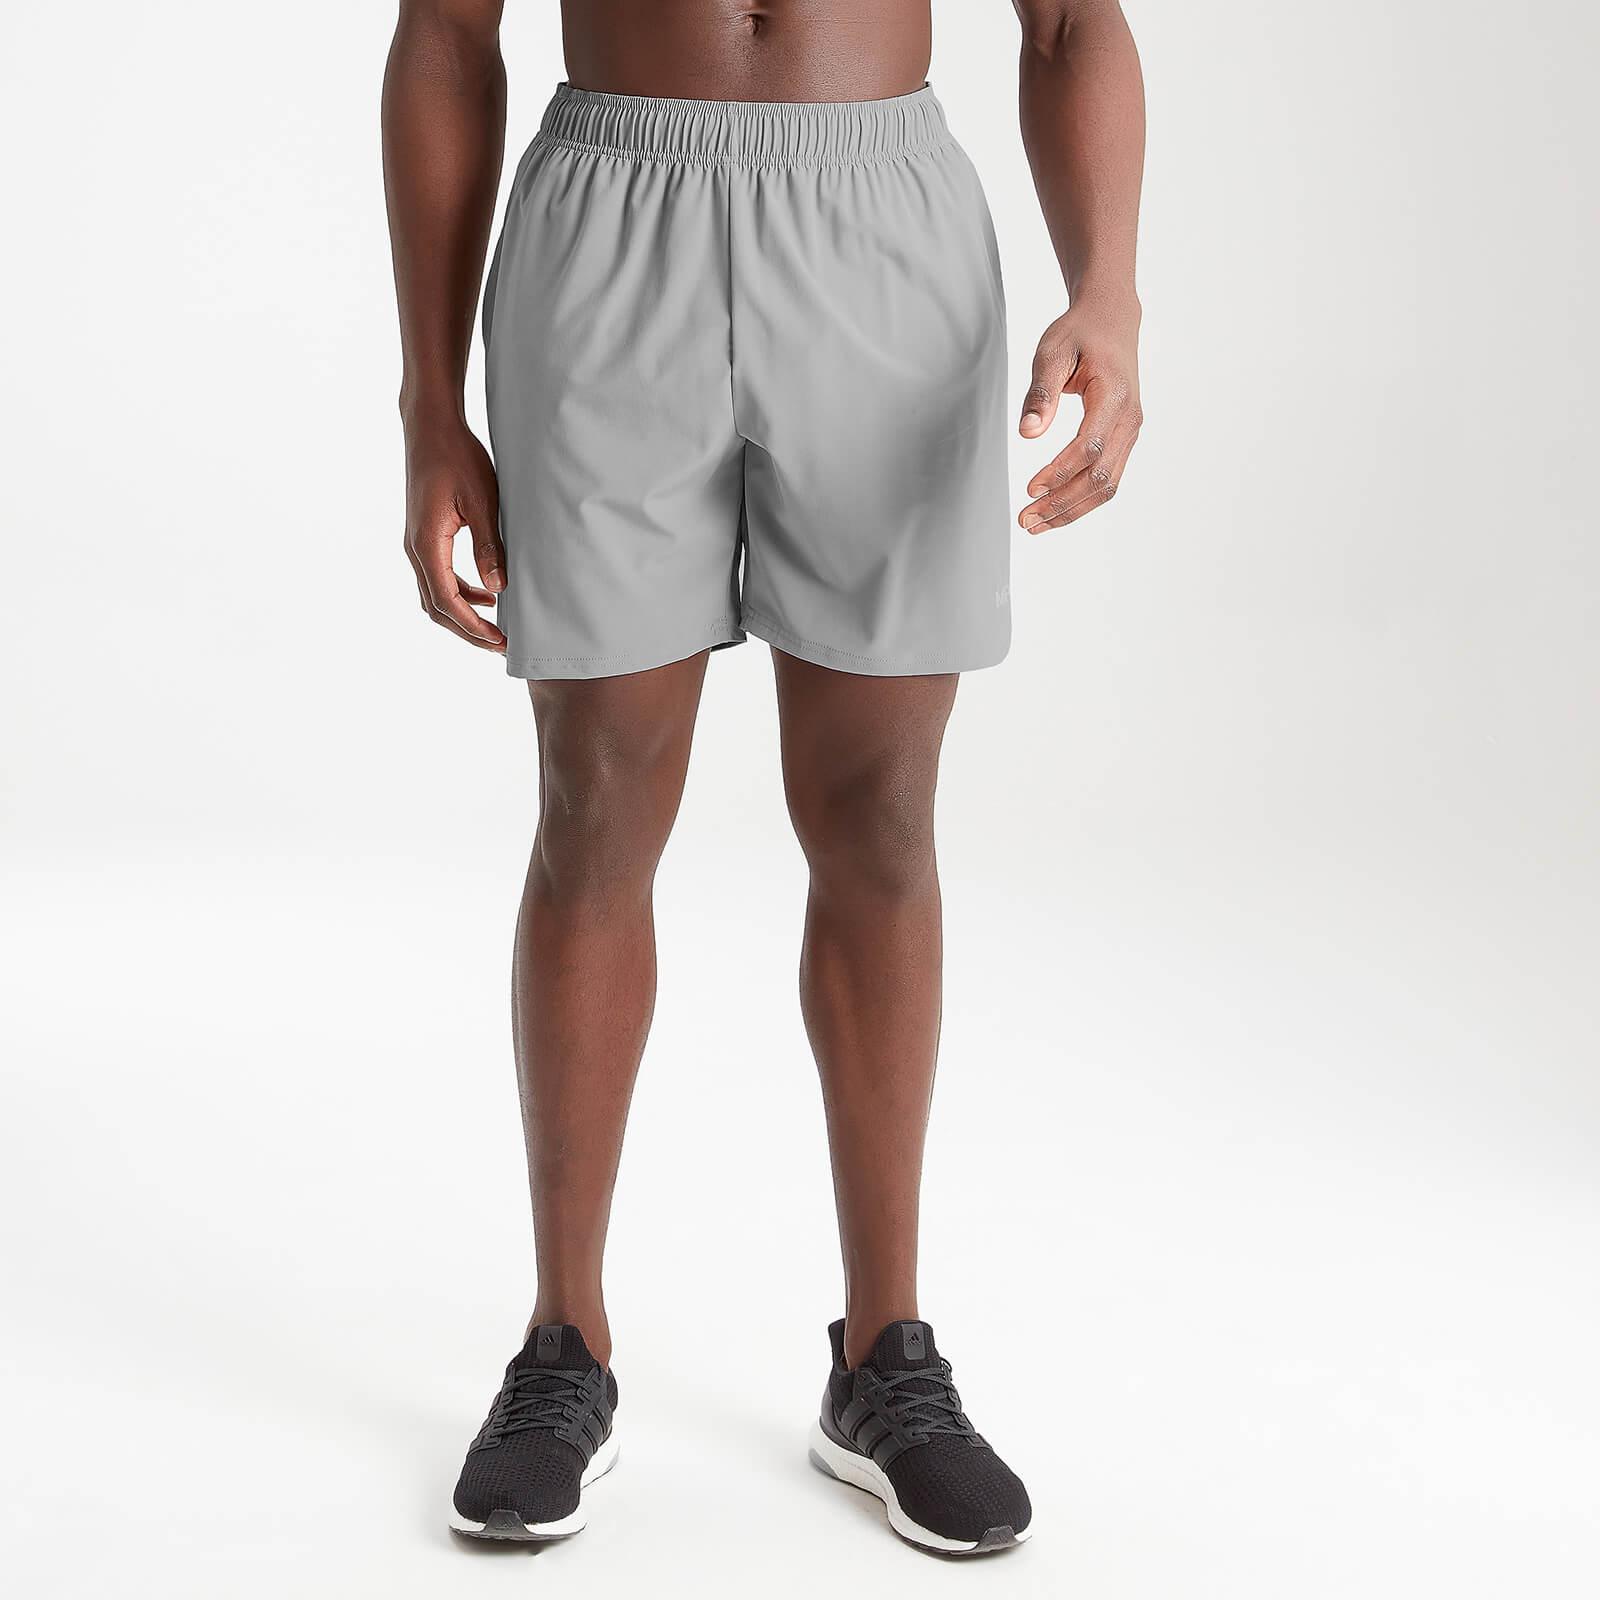 MP Men's Essentials Woven Training Shorts - Storm Grey - XS, Myprotein International  - купить со скидкой